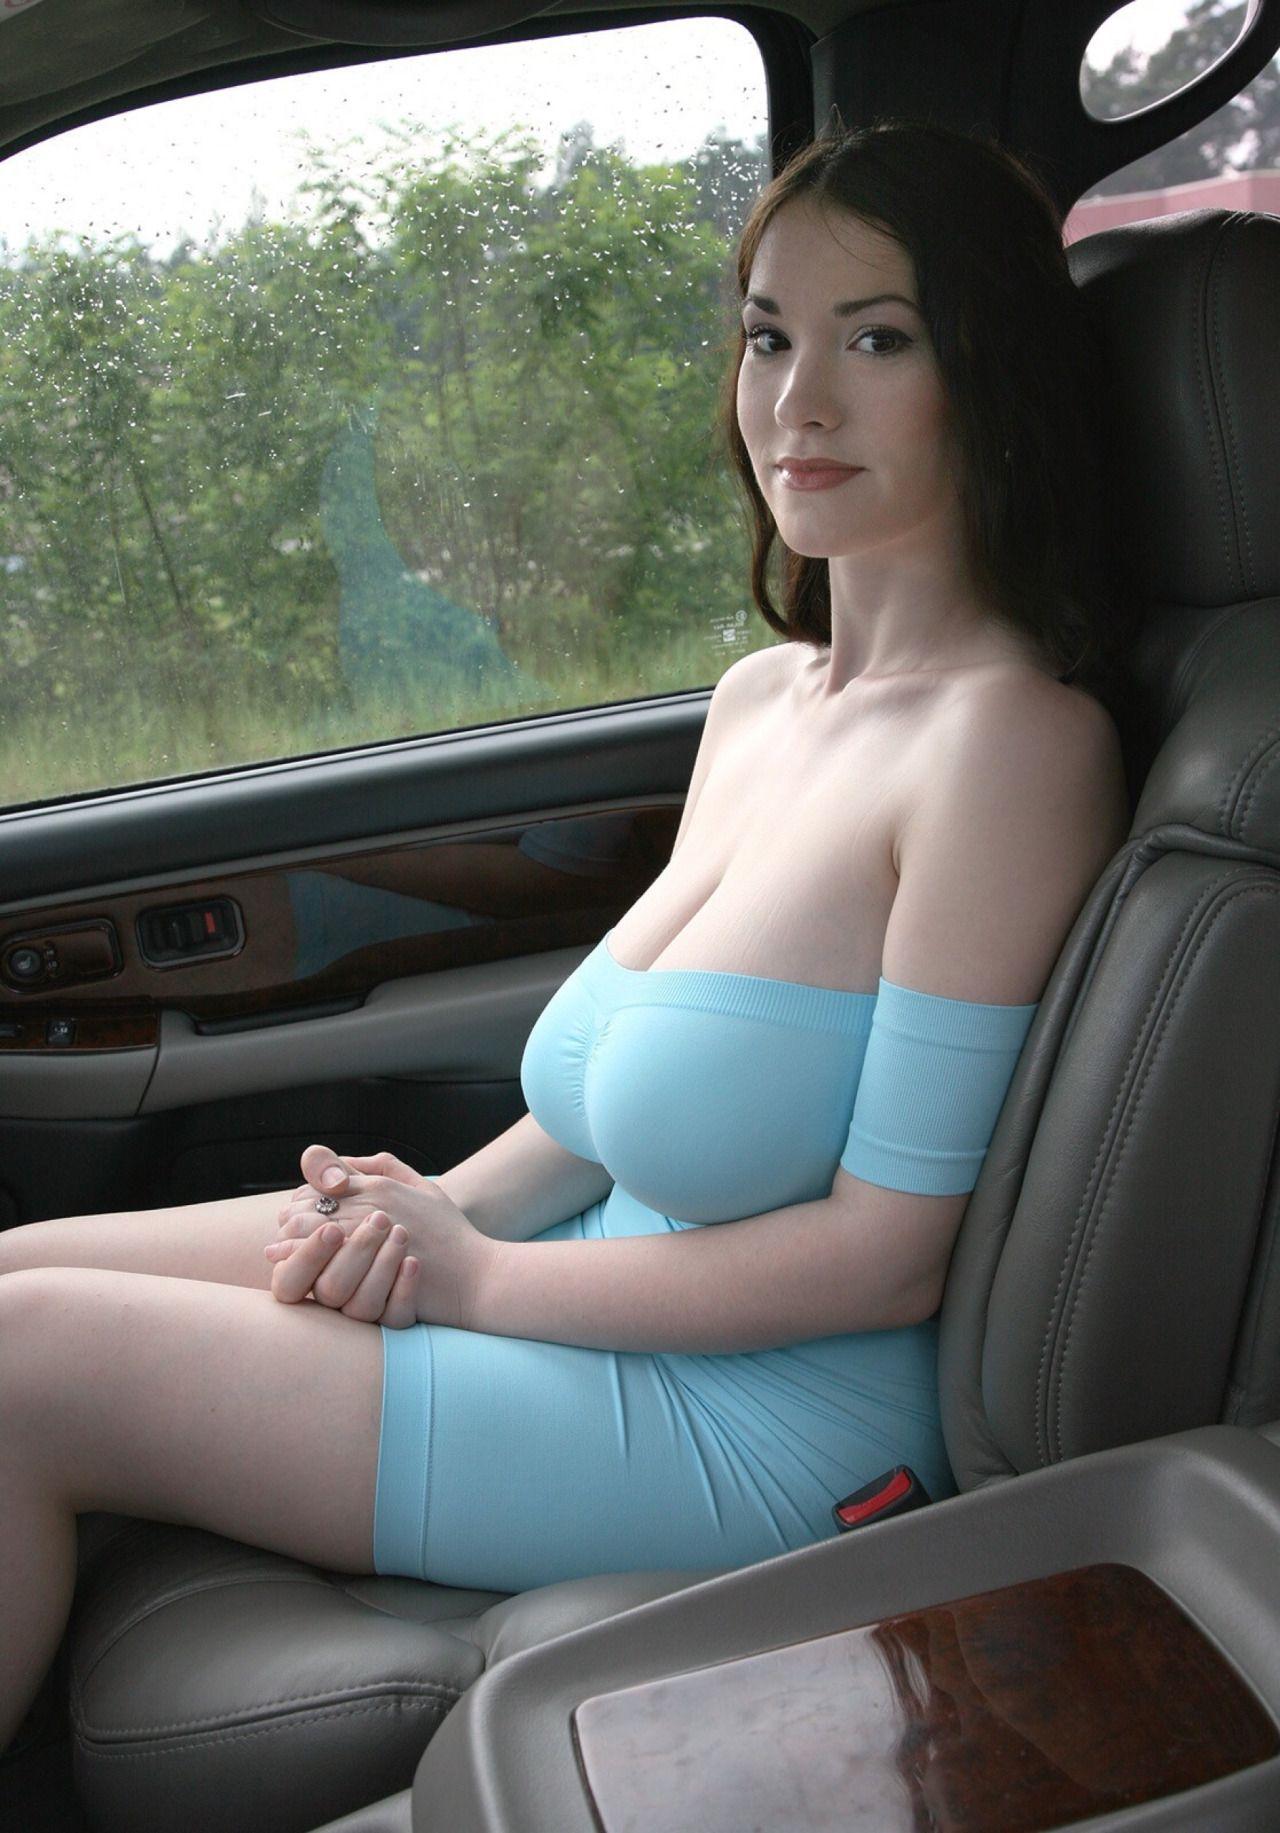 song car Tanya